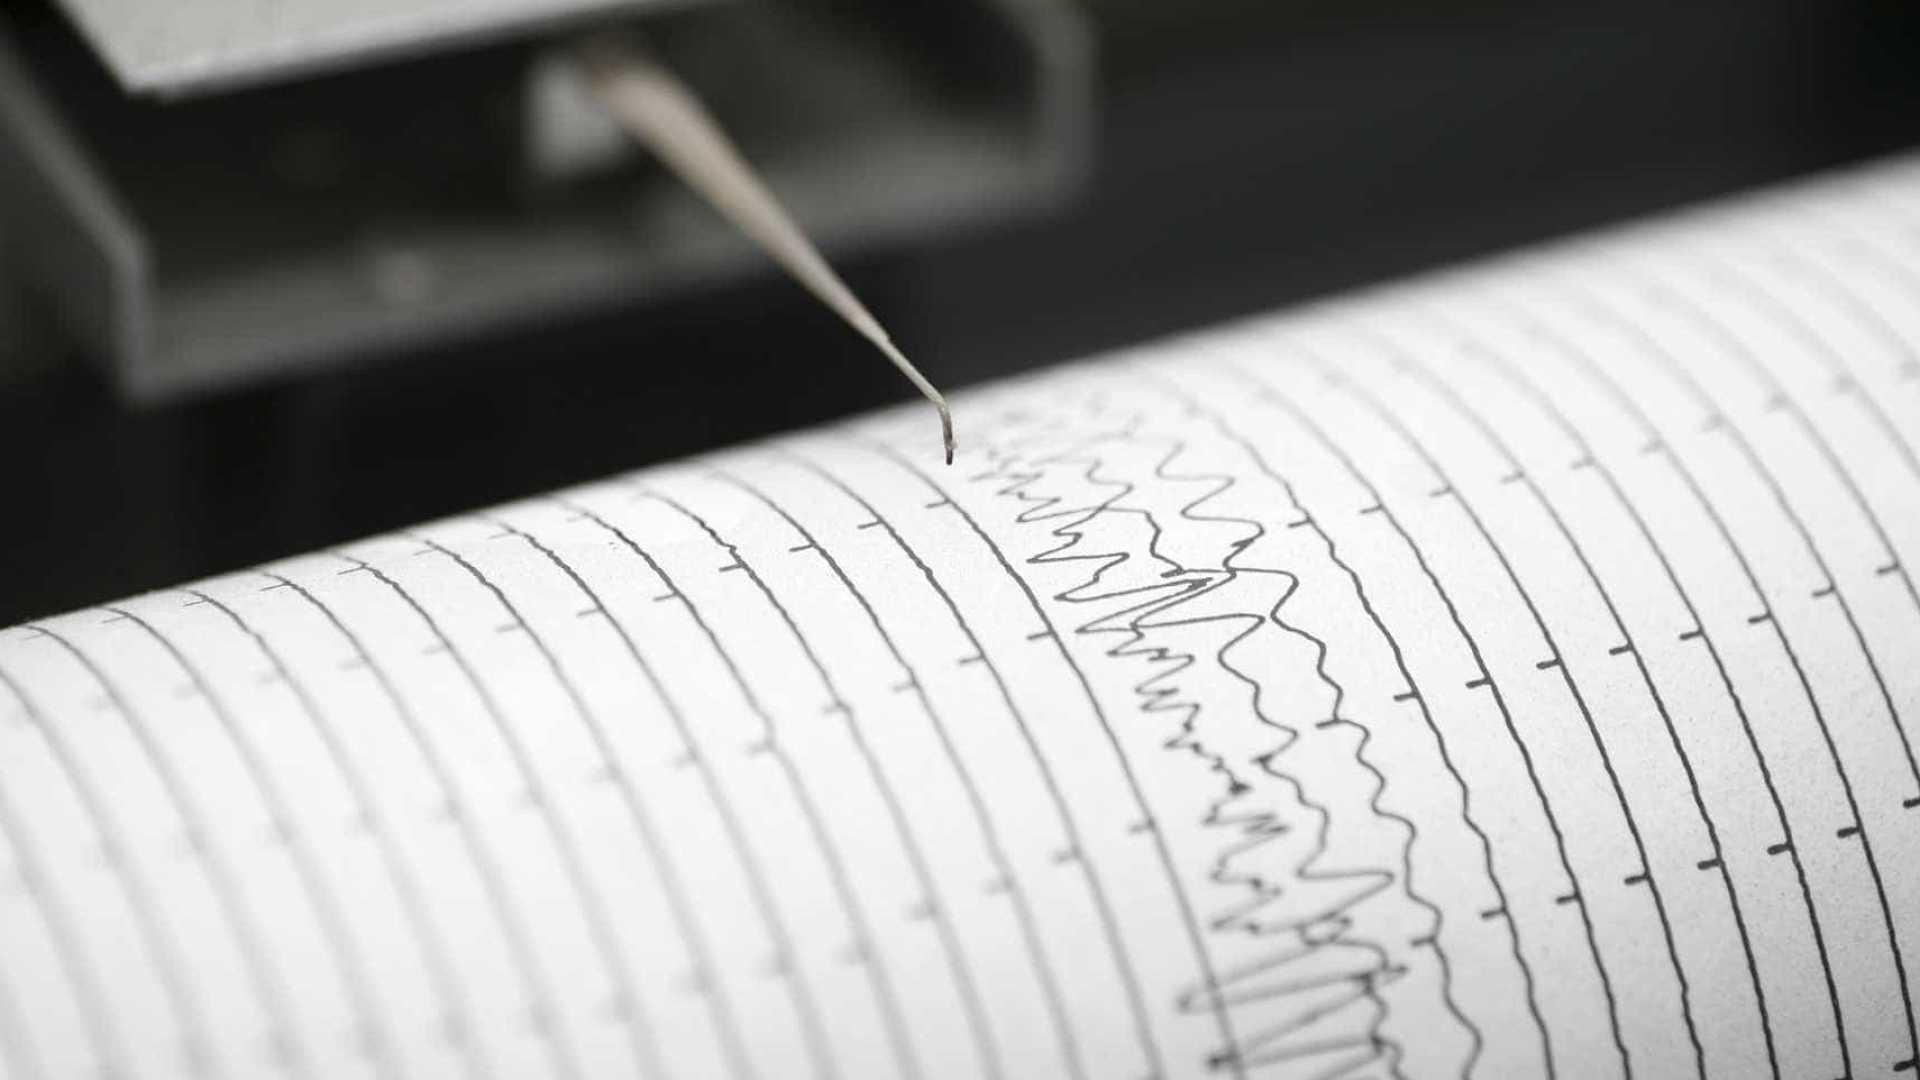 Sismo com 3,6 de magnitude sentido em Espinho